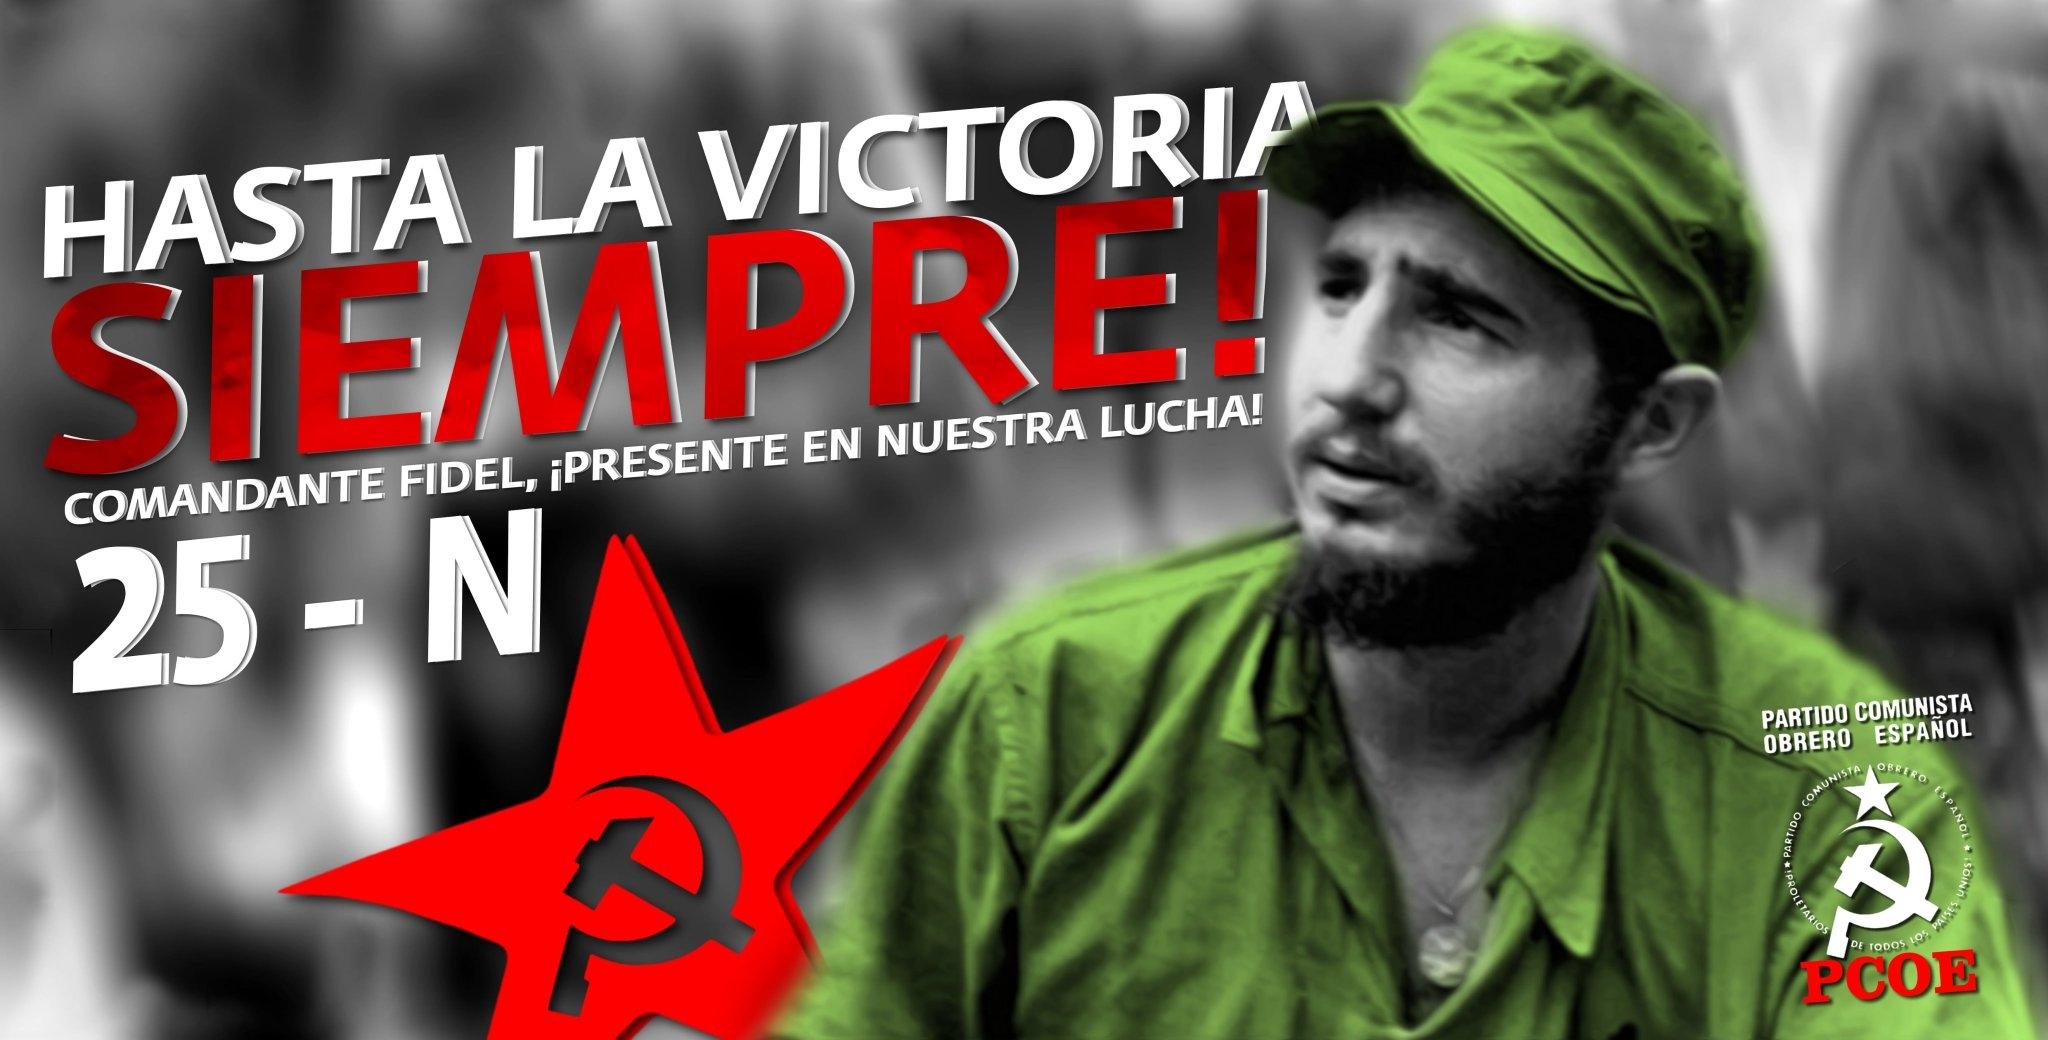 El 25 de noviembre del 2016 fallecía Fidel Castro Ruz. Hoy, justo cuando se cumple el primer aniversario de su muerte, el Partido Comunista Obrero Español honra la memoria de…